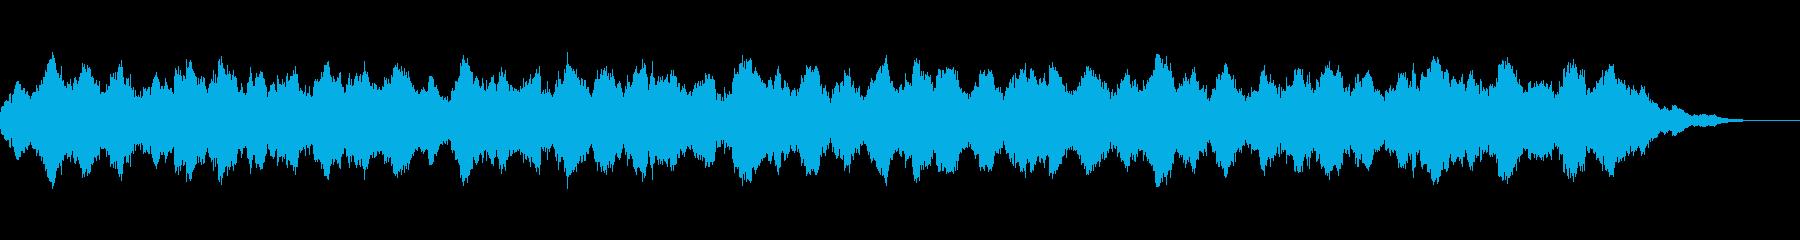 浮遊感漂う環境音楽の再生済みの波形